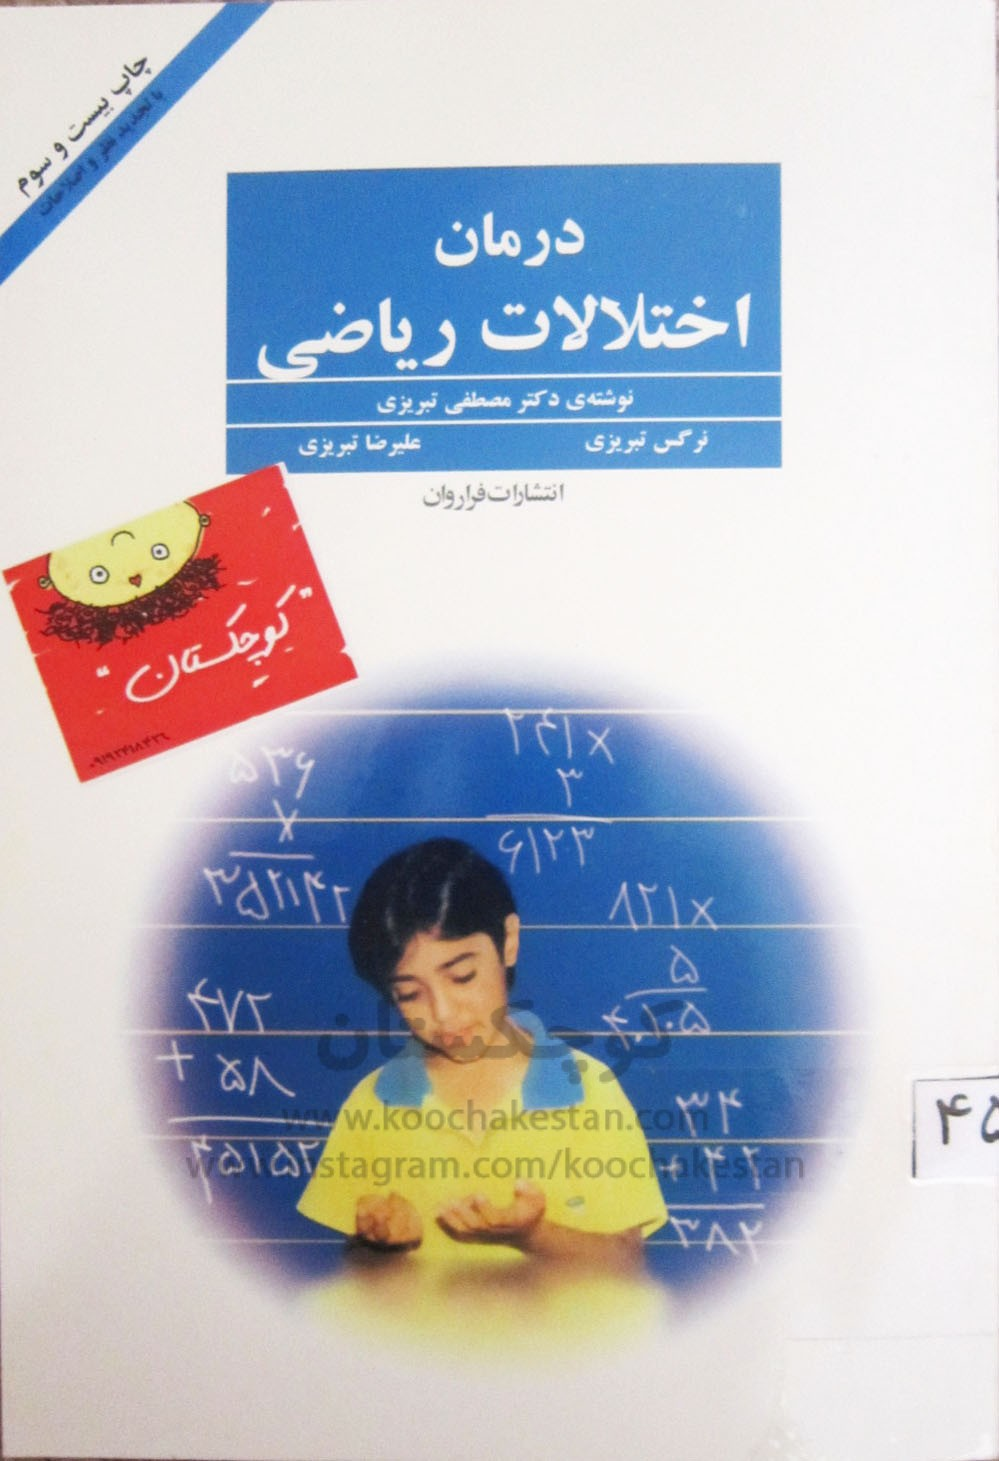 درمان اختلالات ریاضی - کتابخانه کودک - کوچکستان